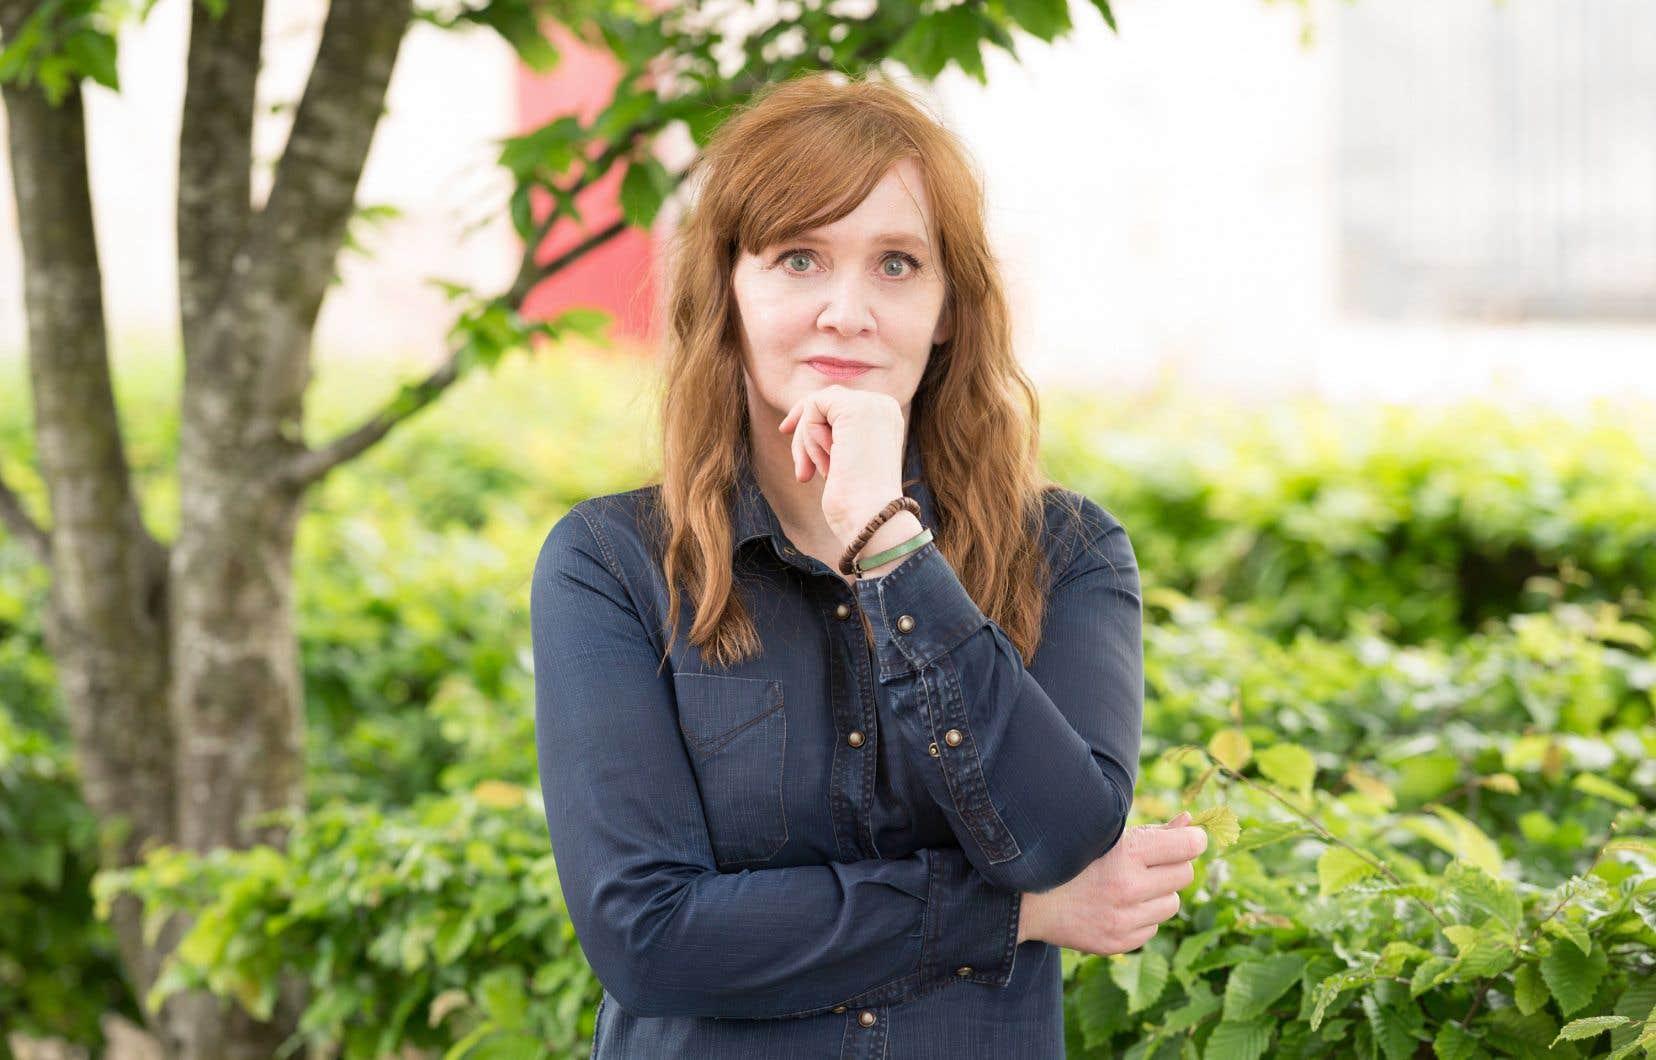 Qui d'autre qu'Auður Ava Ólafsdóttir pour faire de thèmes aussi sombres que le divorce, l'abattement, la guerre et les idées suicidaires un canevas aussi léger?